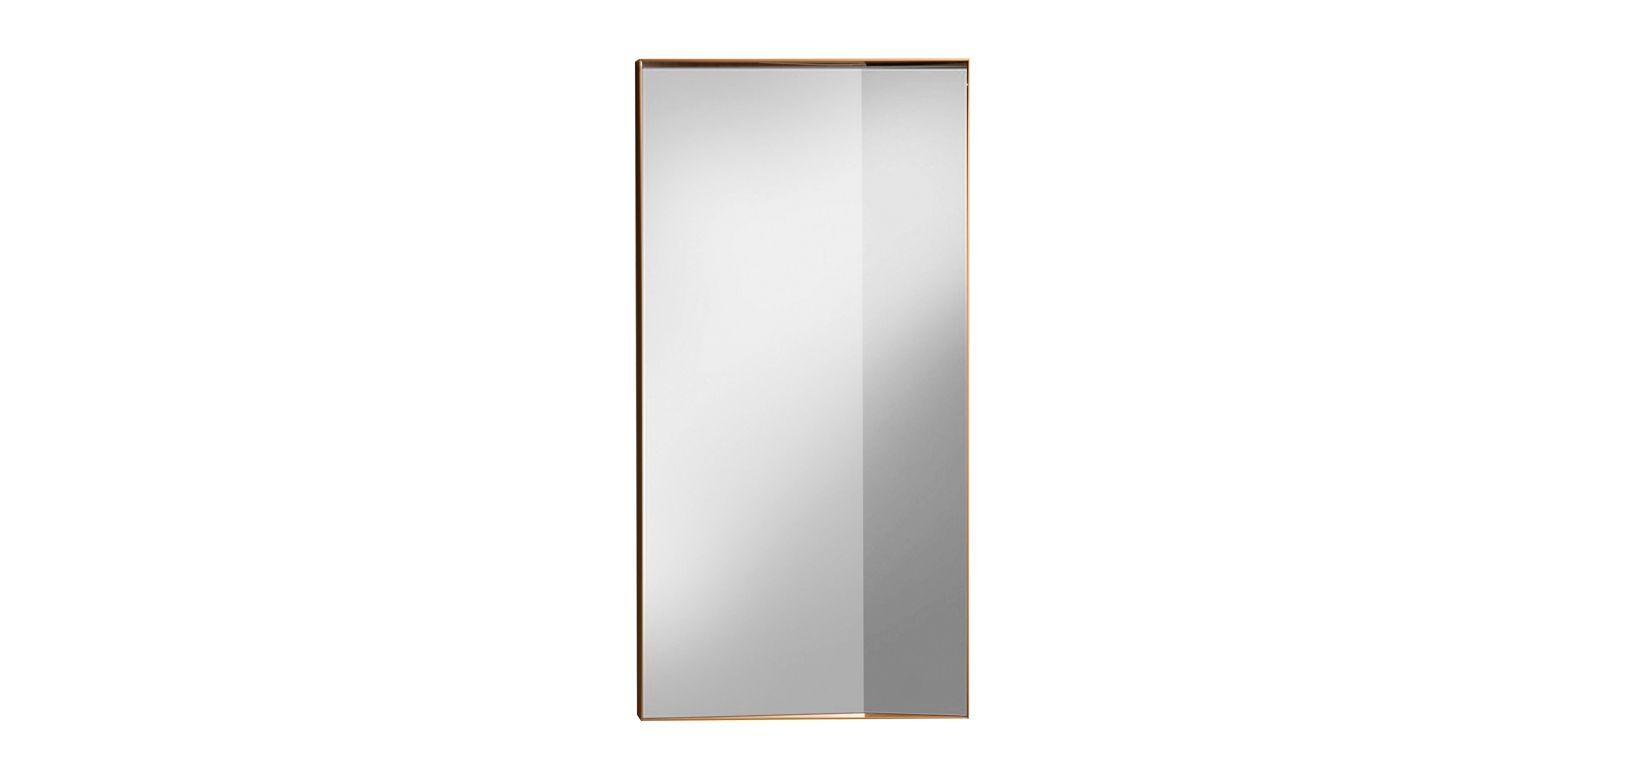 Miroir r sultats correspondant votre recherche roche for Miroir simple